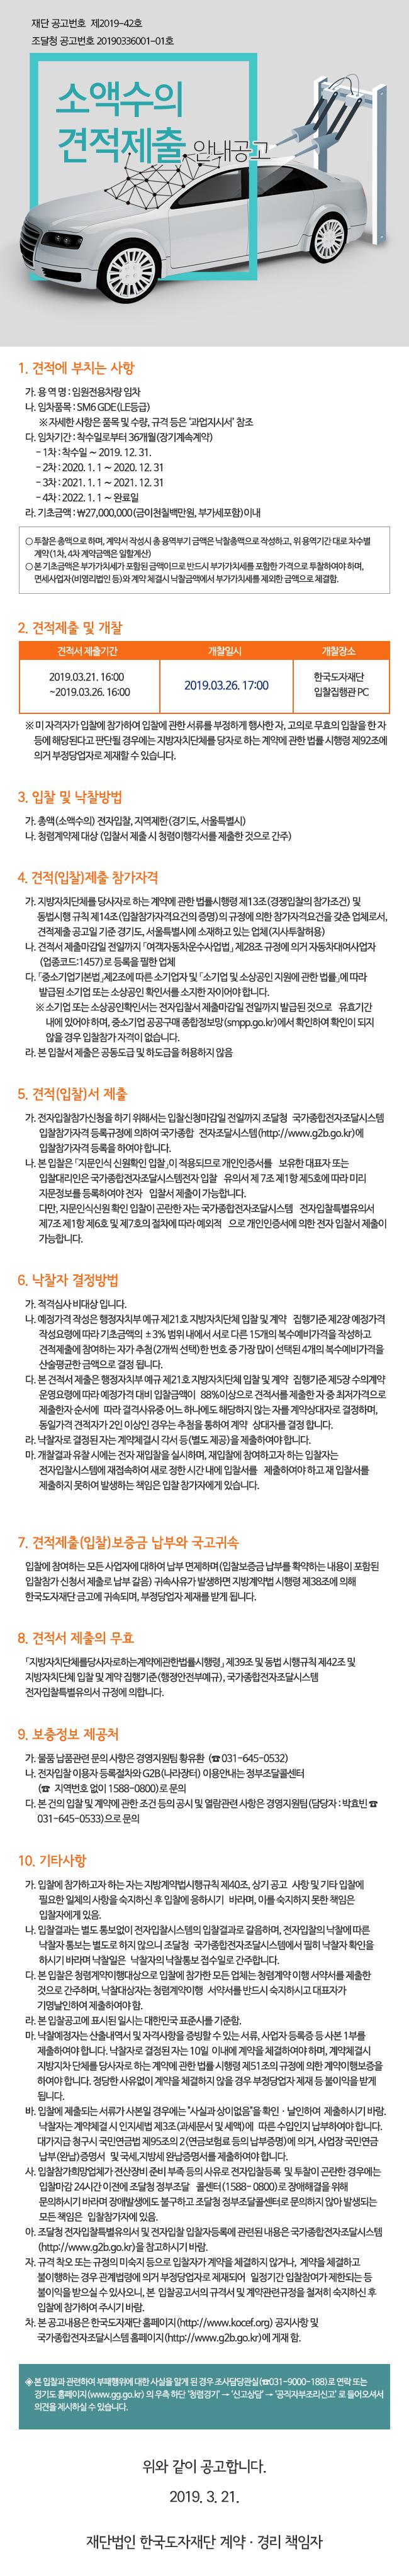 [소액수의 견적제출]임원전용차량 임차